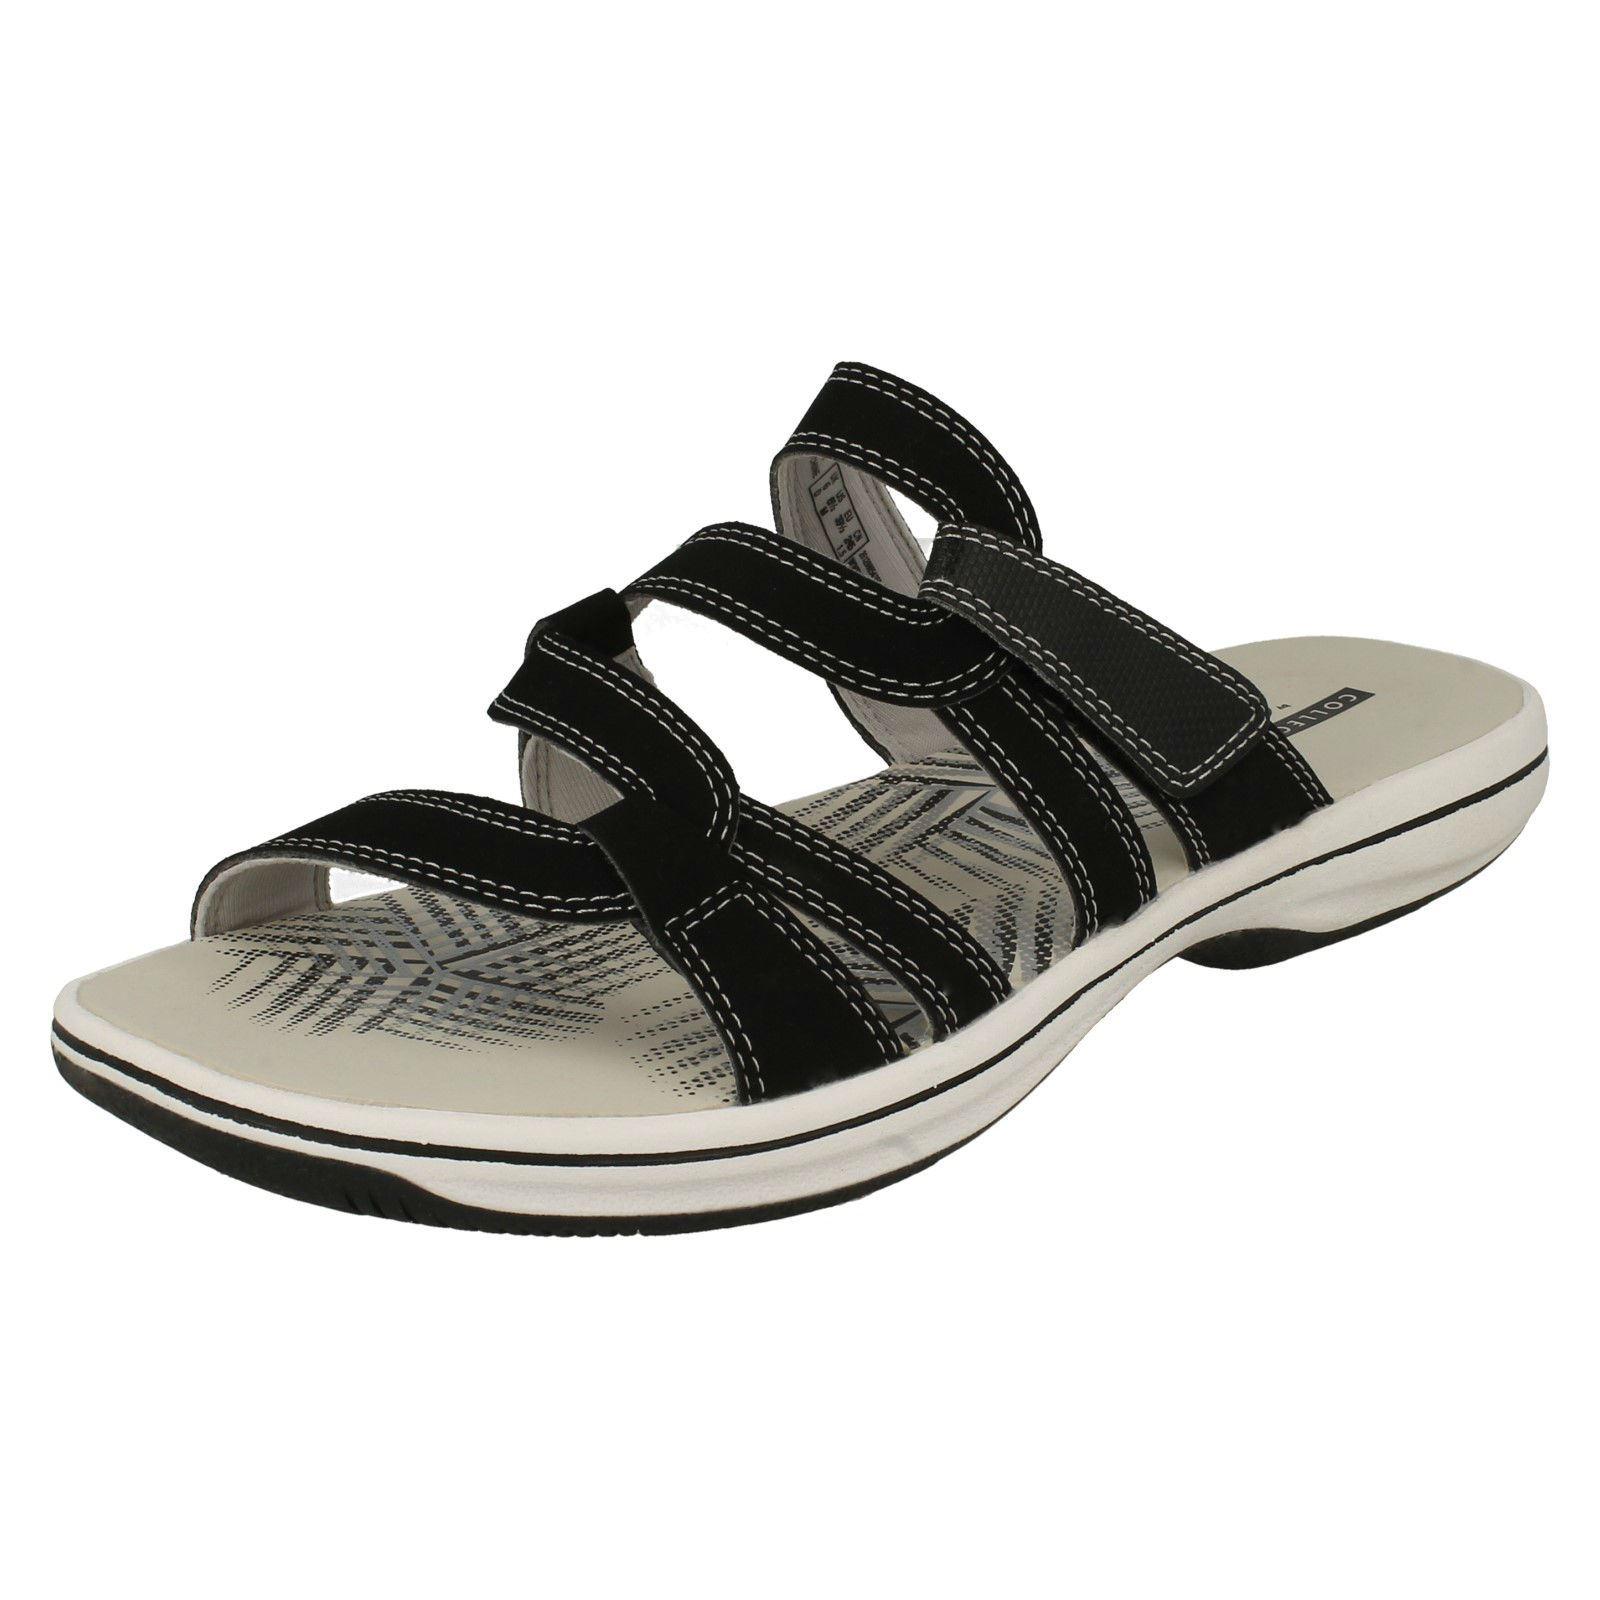 eebb695499fa79 Damen Clarks Sportlich Pantoffeln Sandalen Slipper - Brinkley Lonna ...